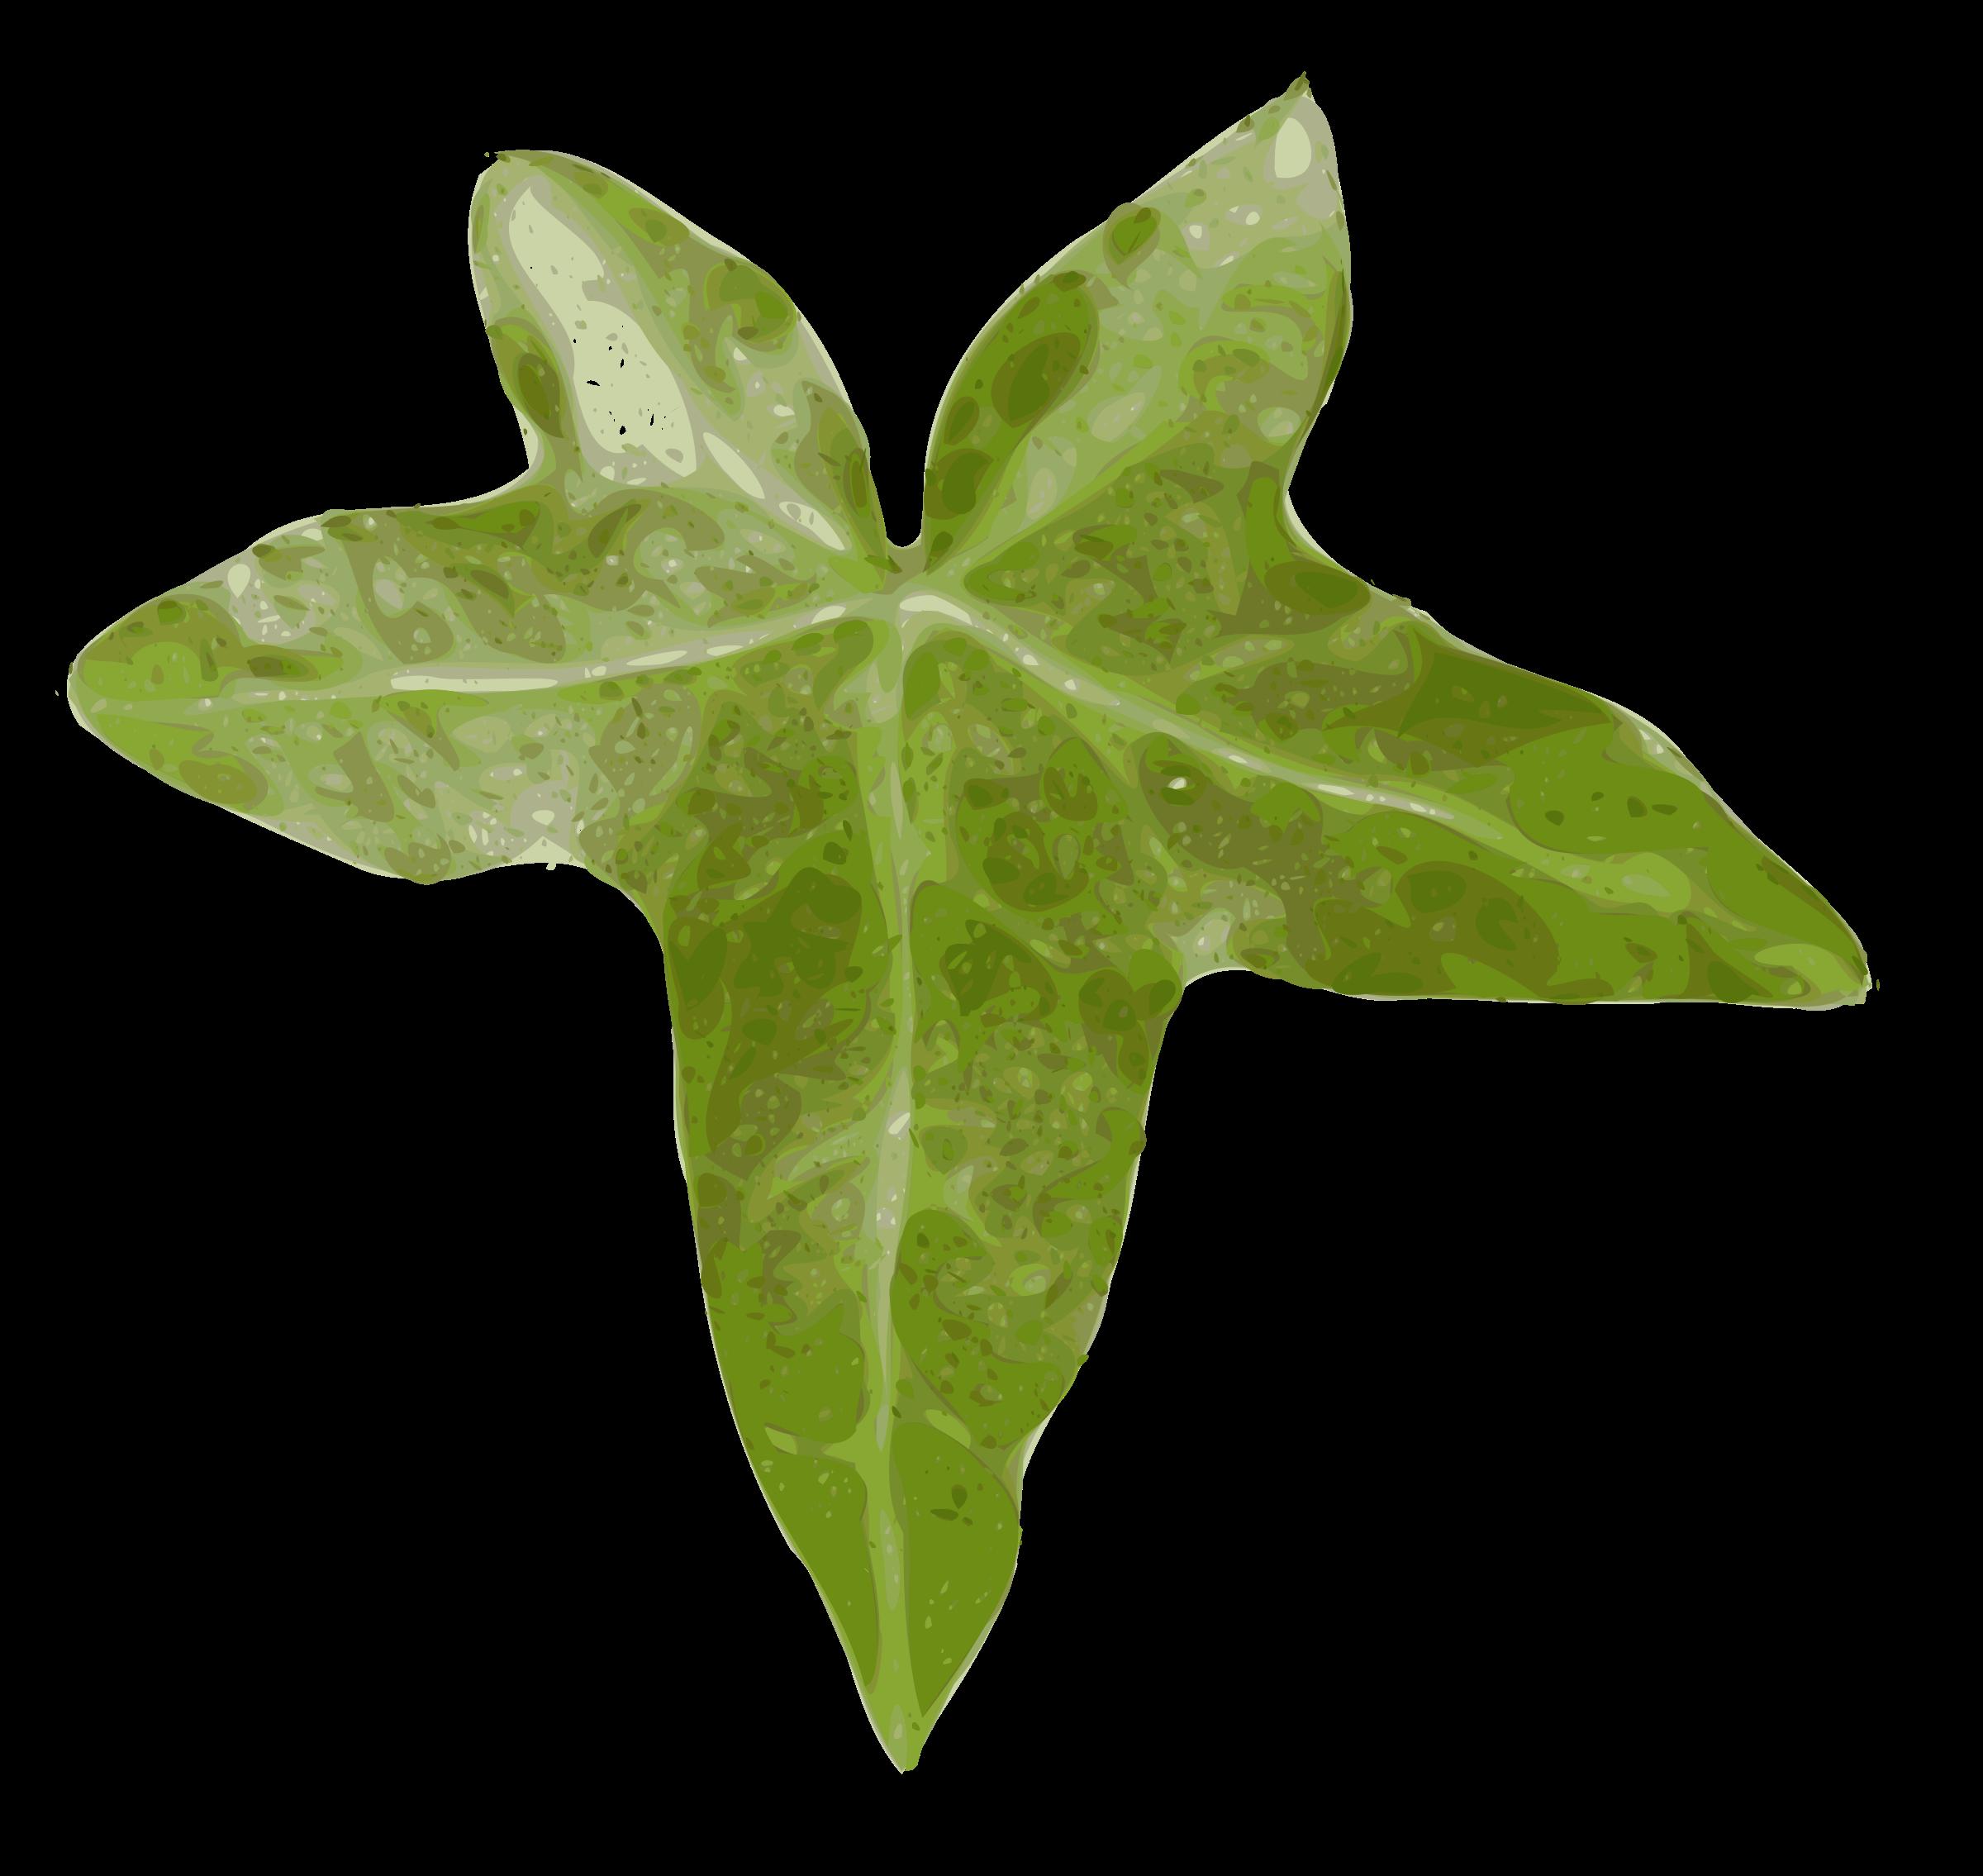 Ivy clipart big leaf. Lierre image png